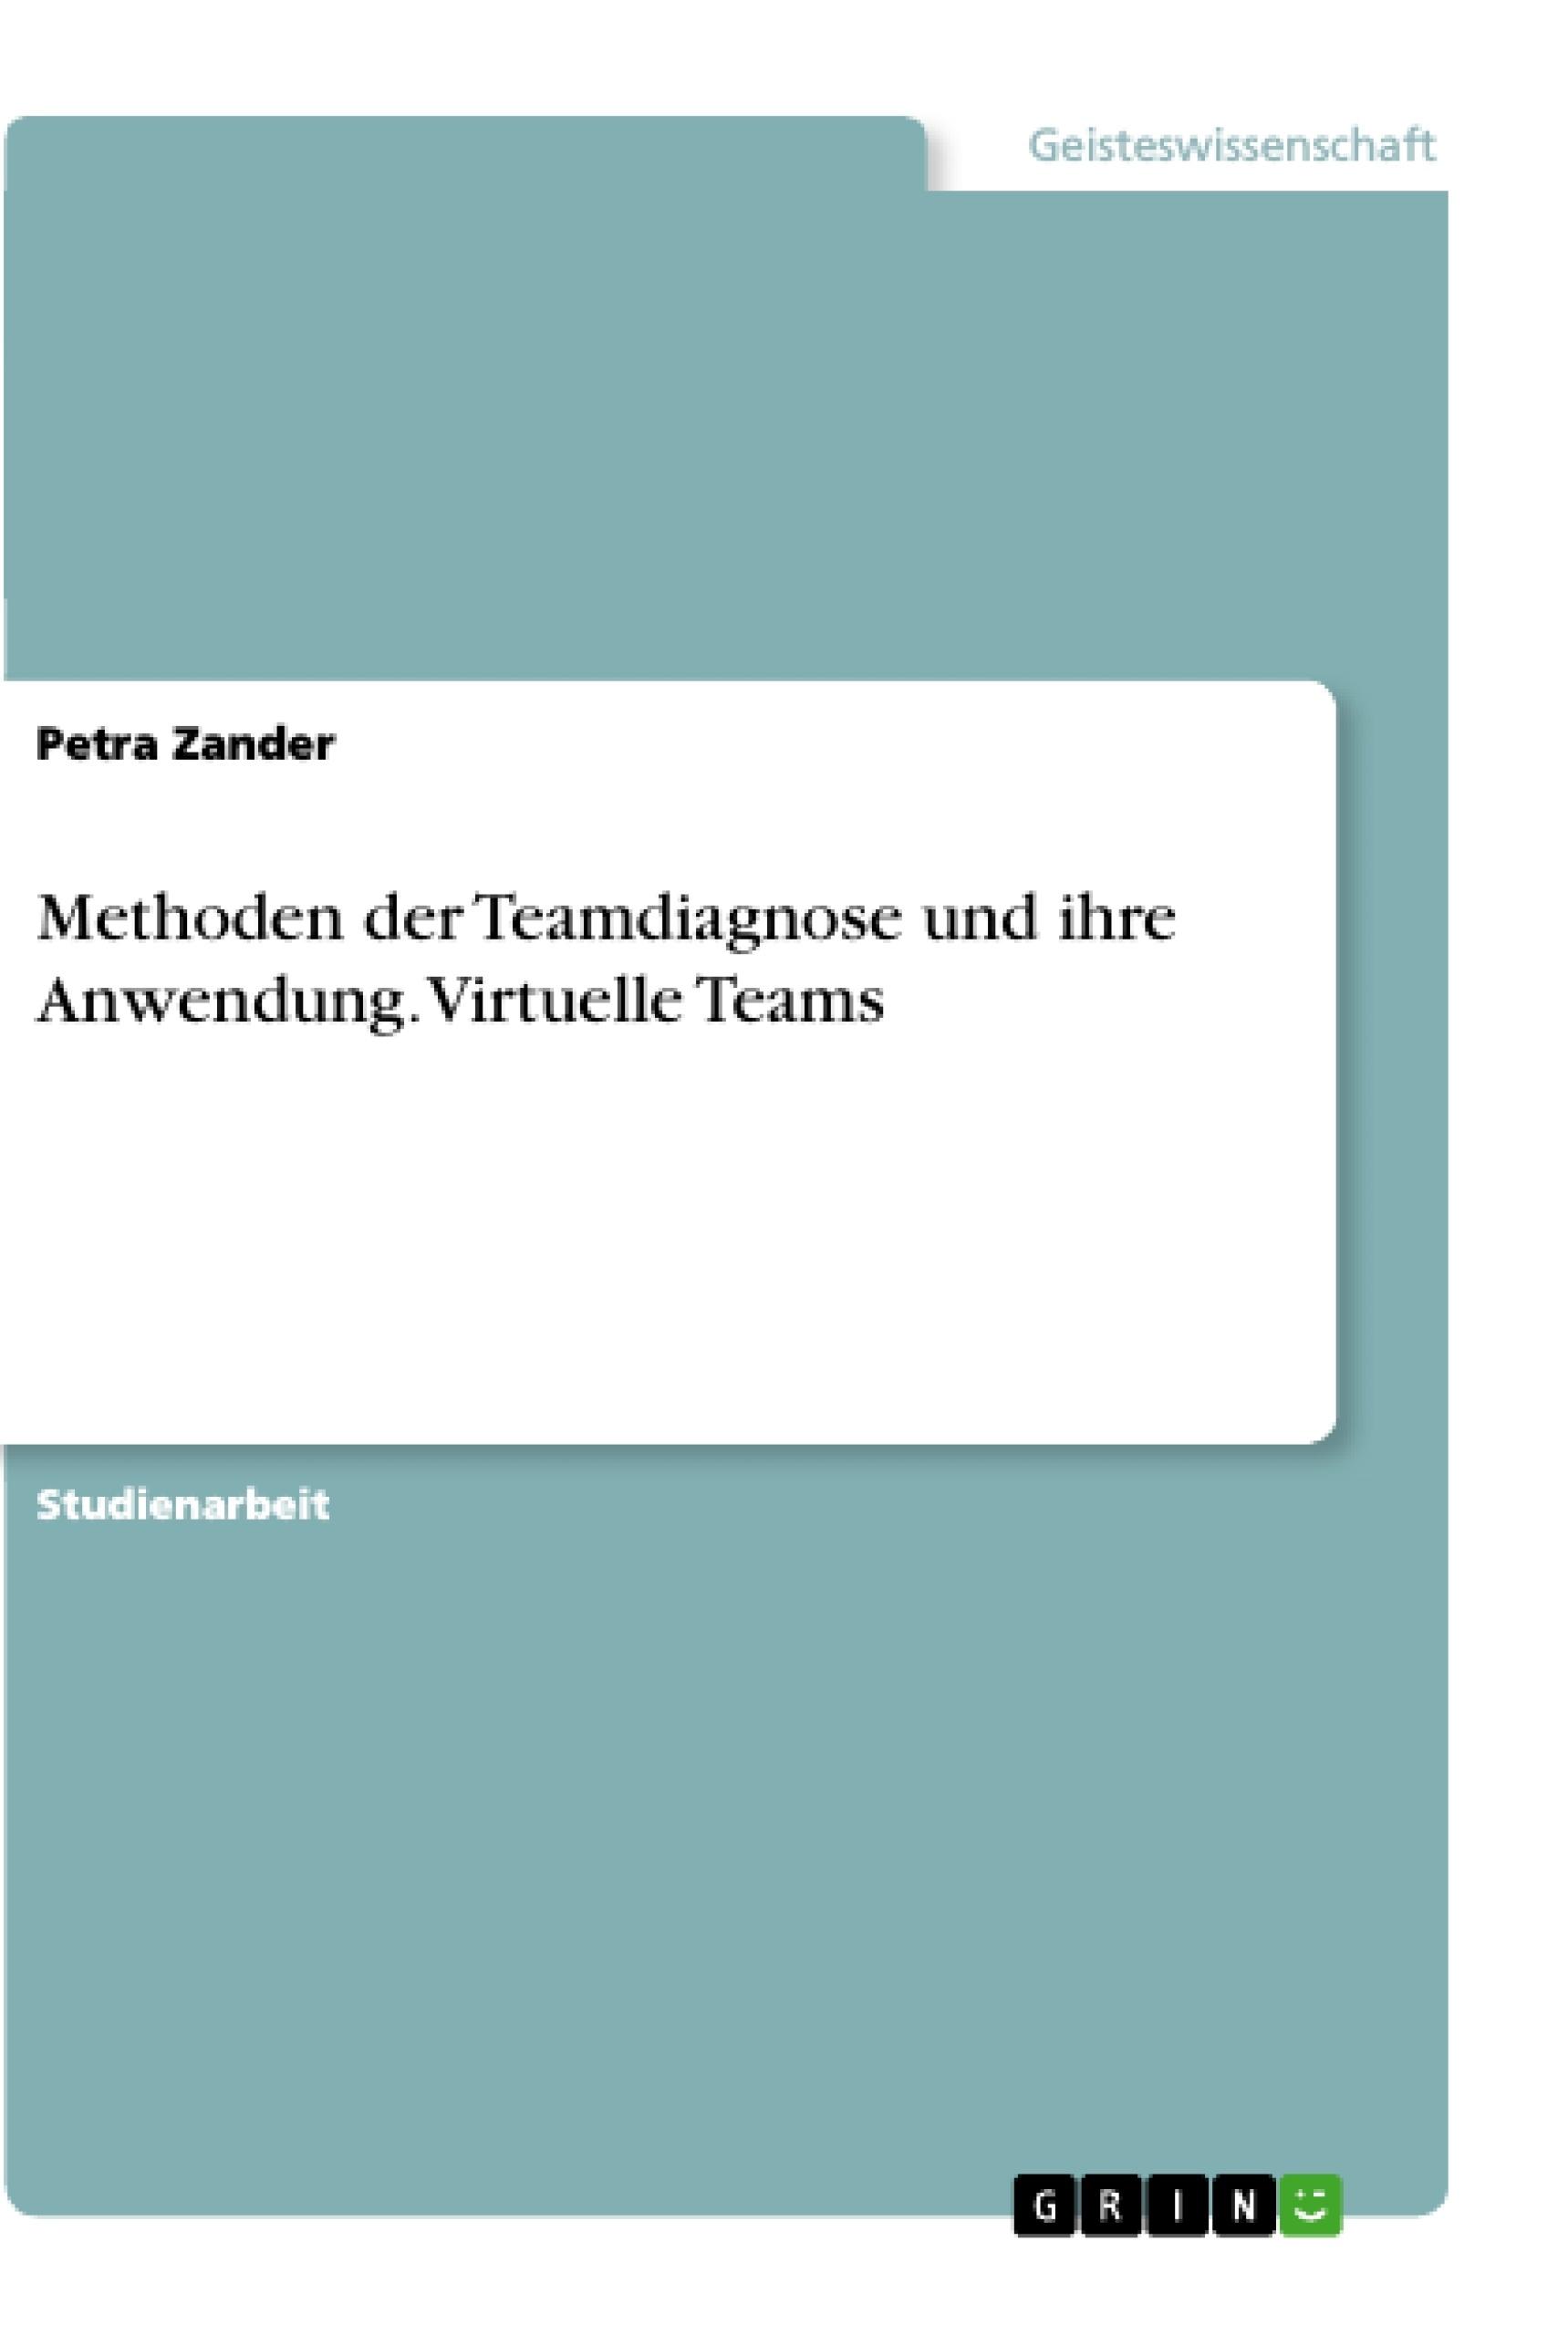 Titel: Methoden der Teamdiagnose und ihre Anwendung. Virtuelle Teams